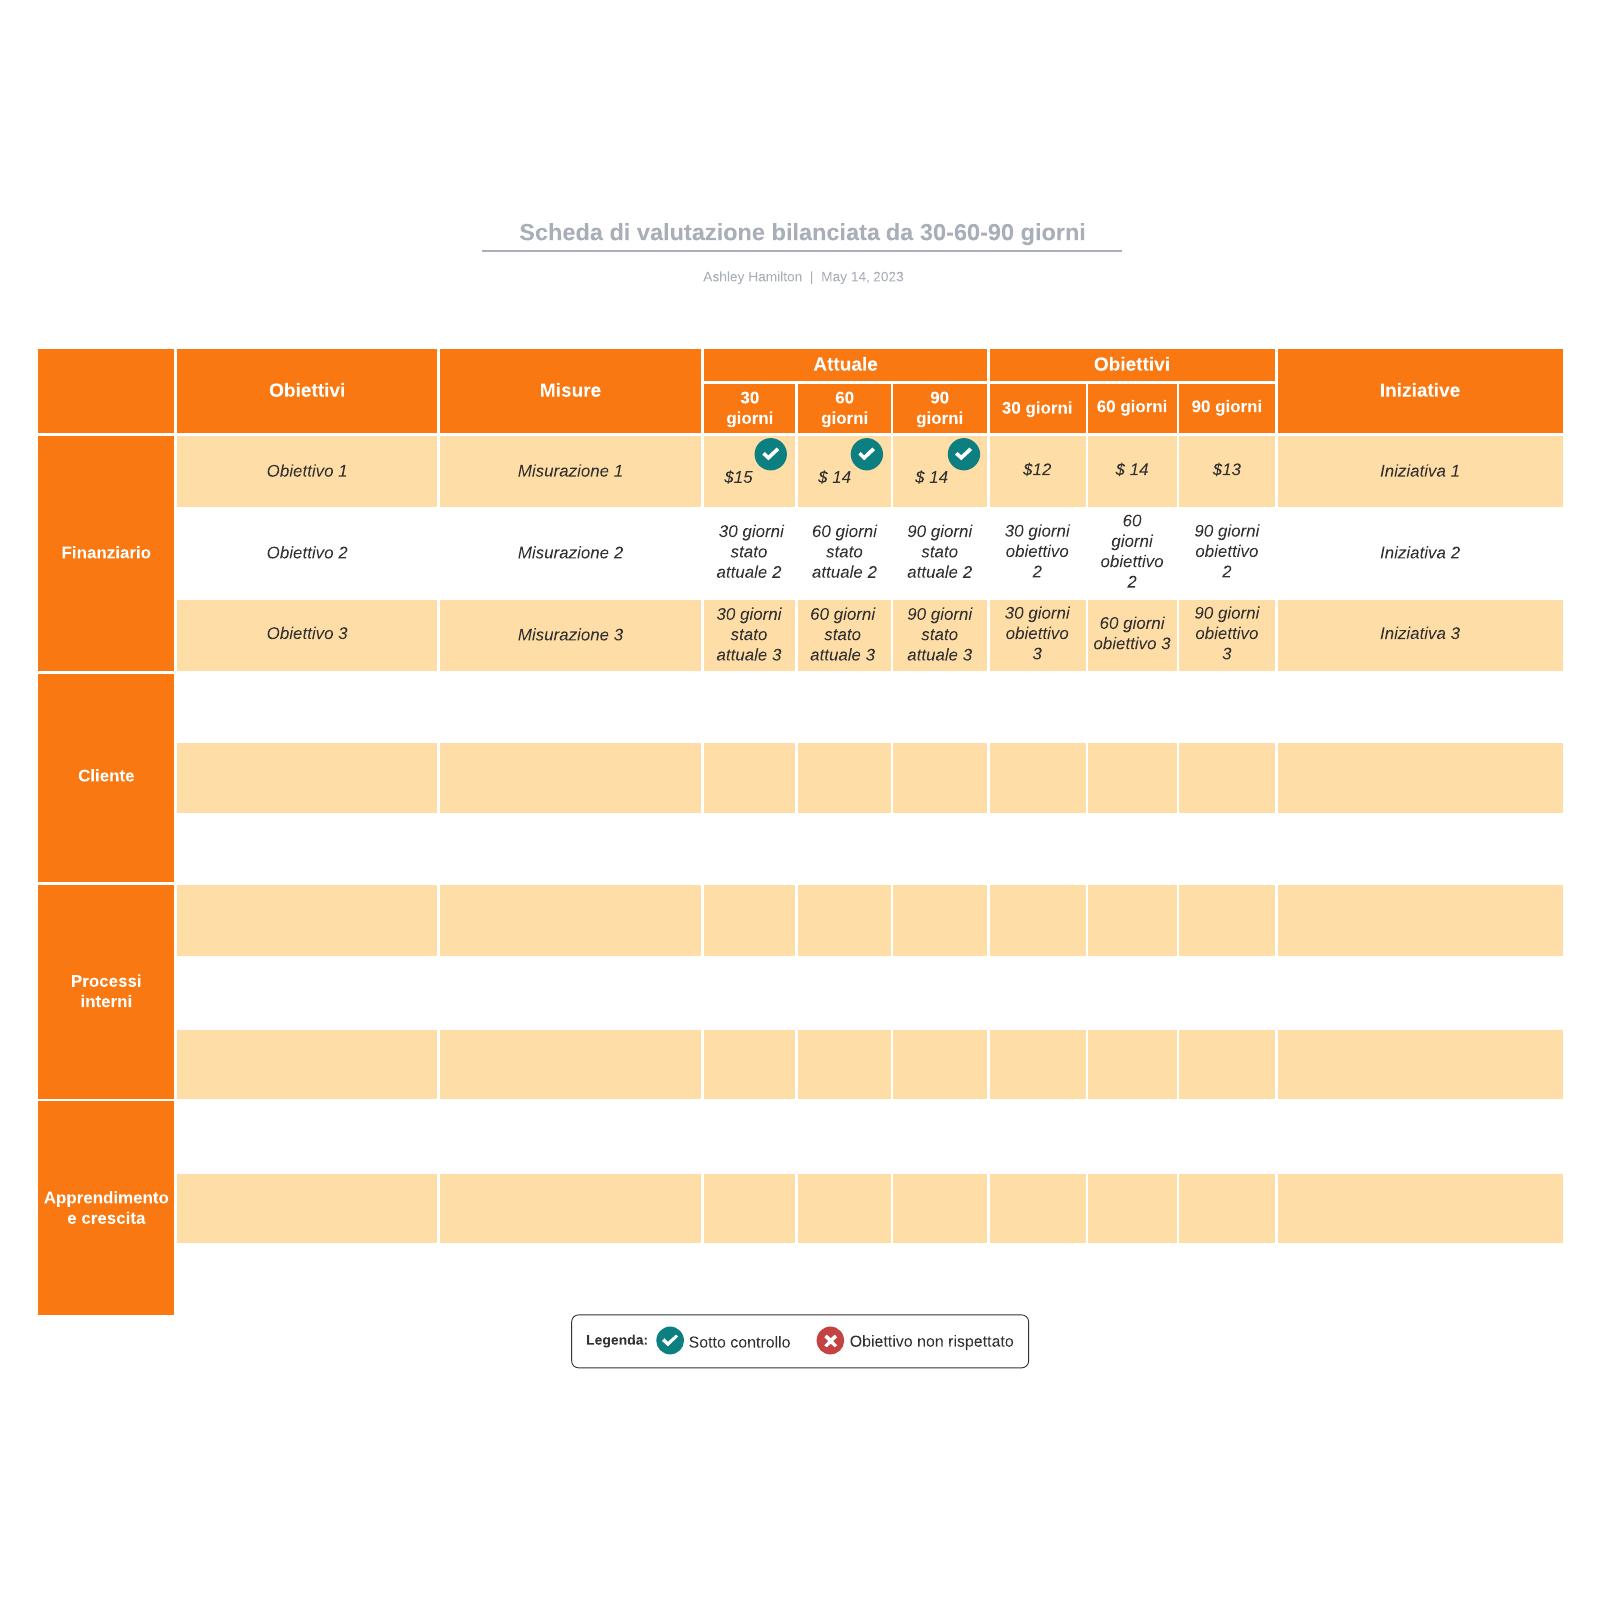 Scheda di valutazione bilanciata da 30-60-90 giorni